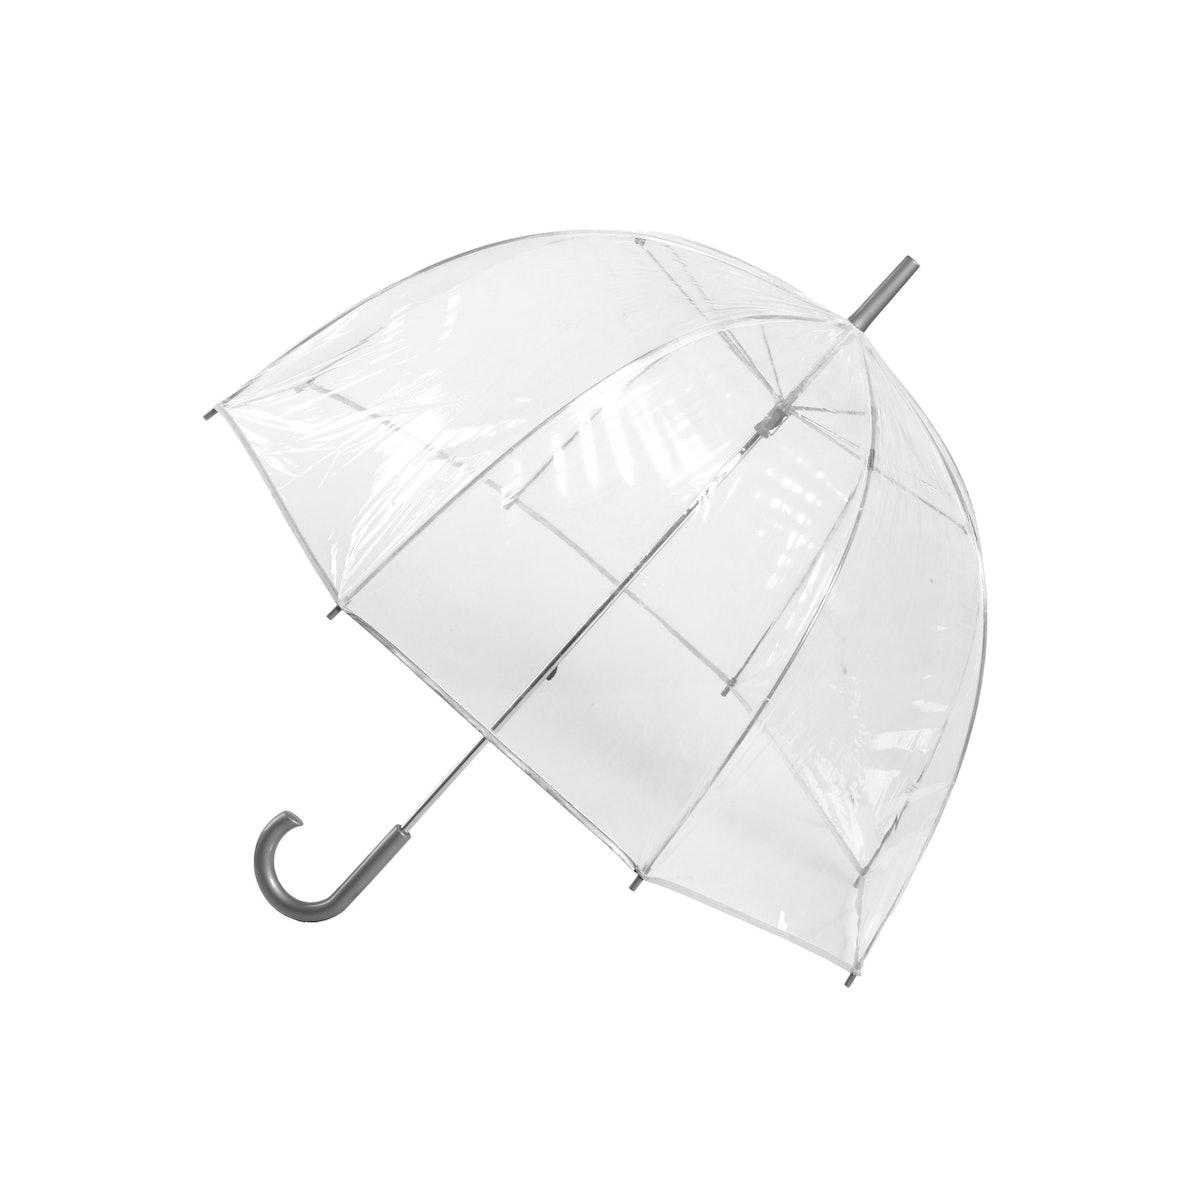 Totes umbrella